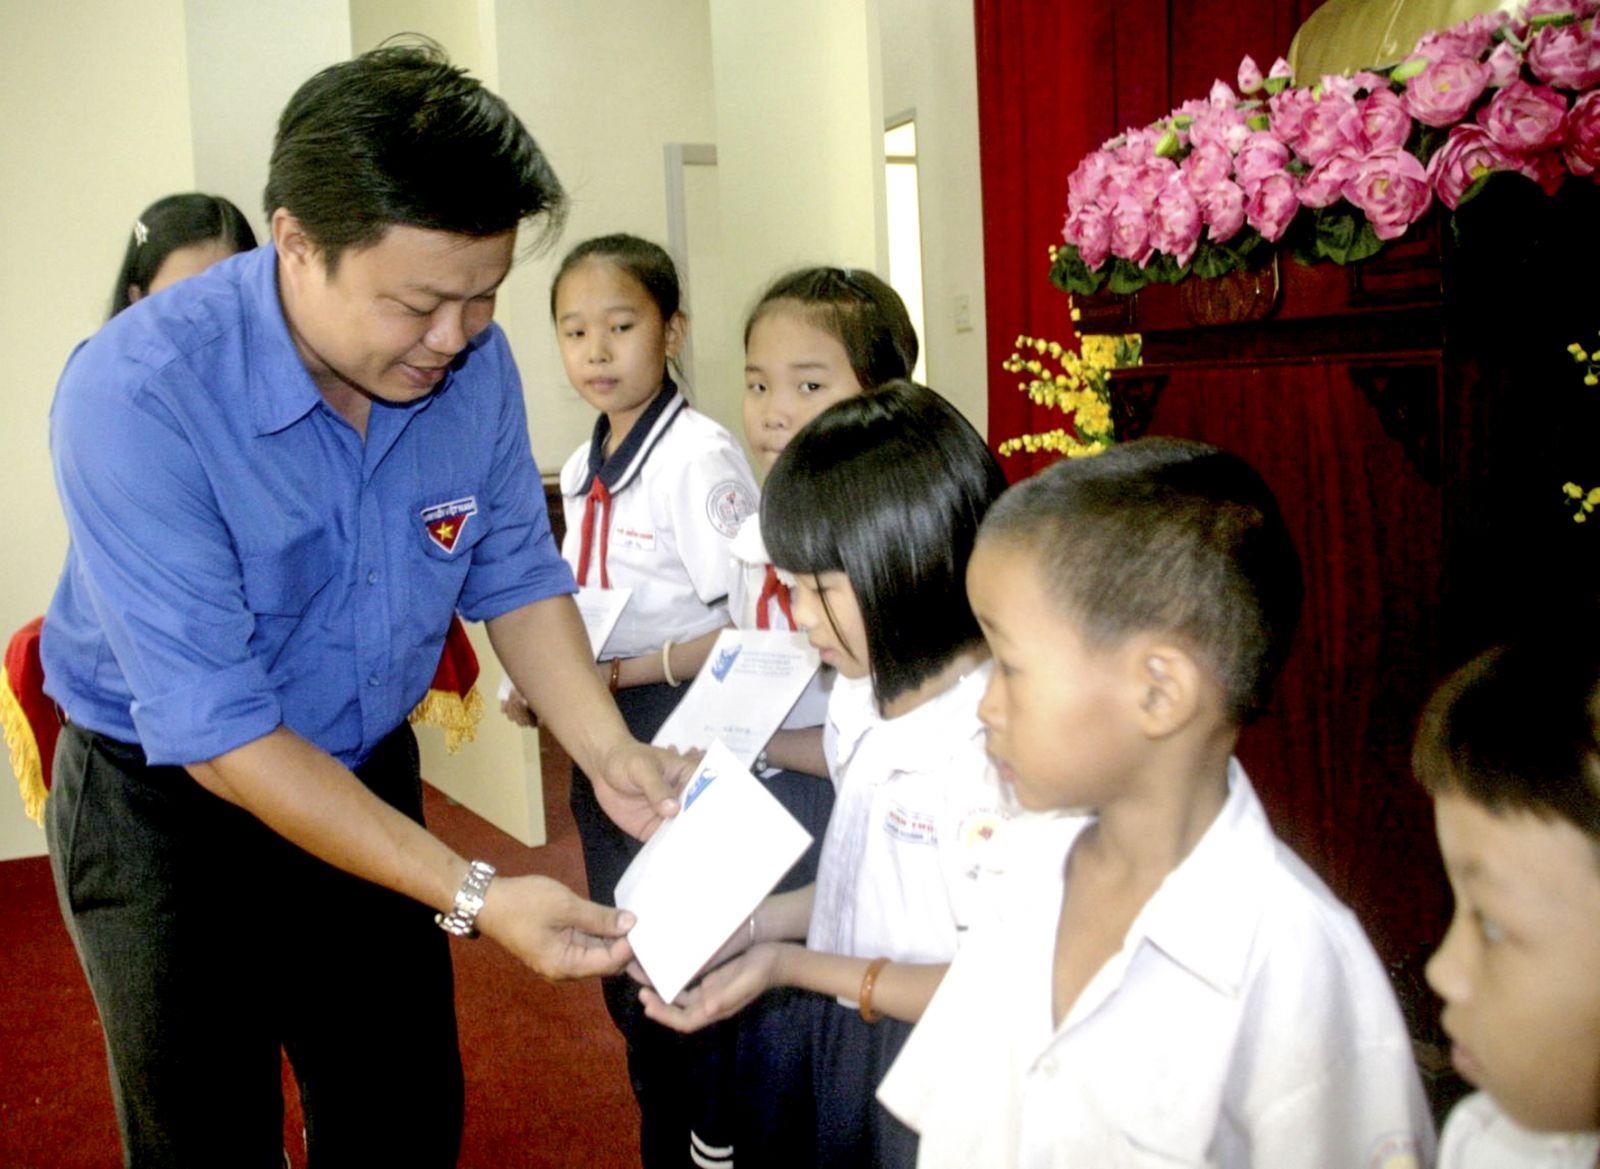 Anh Huỳnh Thái Nguyên, Phó Bí thư Thường trực Thành đoàn Cần Thơ trao học bổng cho học sinh có hoàn cảnh khó khăn trên địa bàn quận Bình Thủy. Ảnh: Q. THÁI